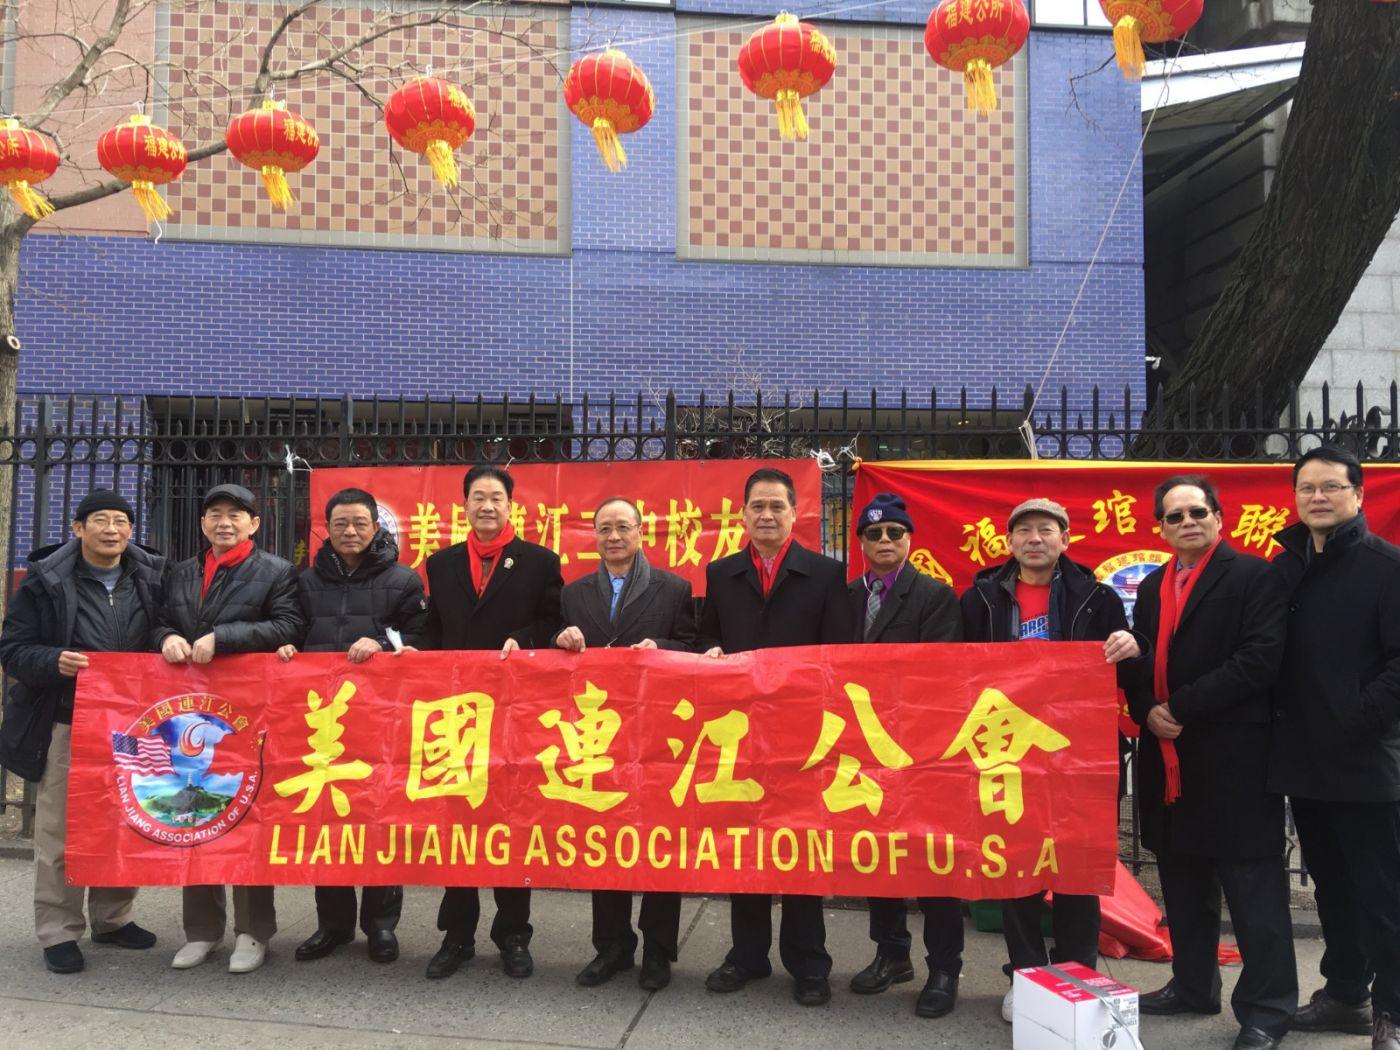 美东各界华人华侨第十七届元宵节庆祝活动在纽约举行_图1-3